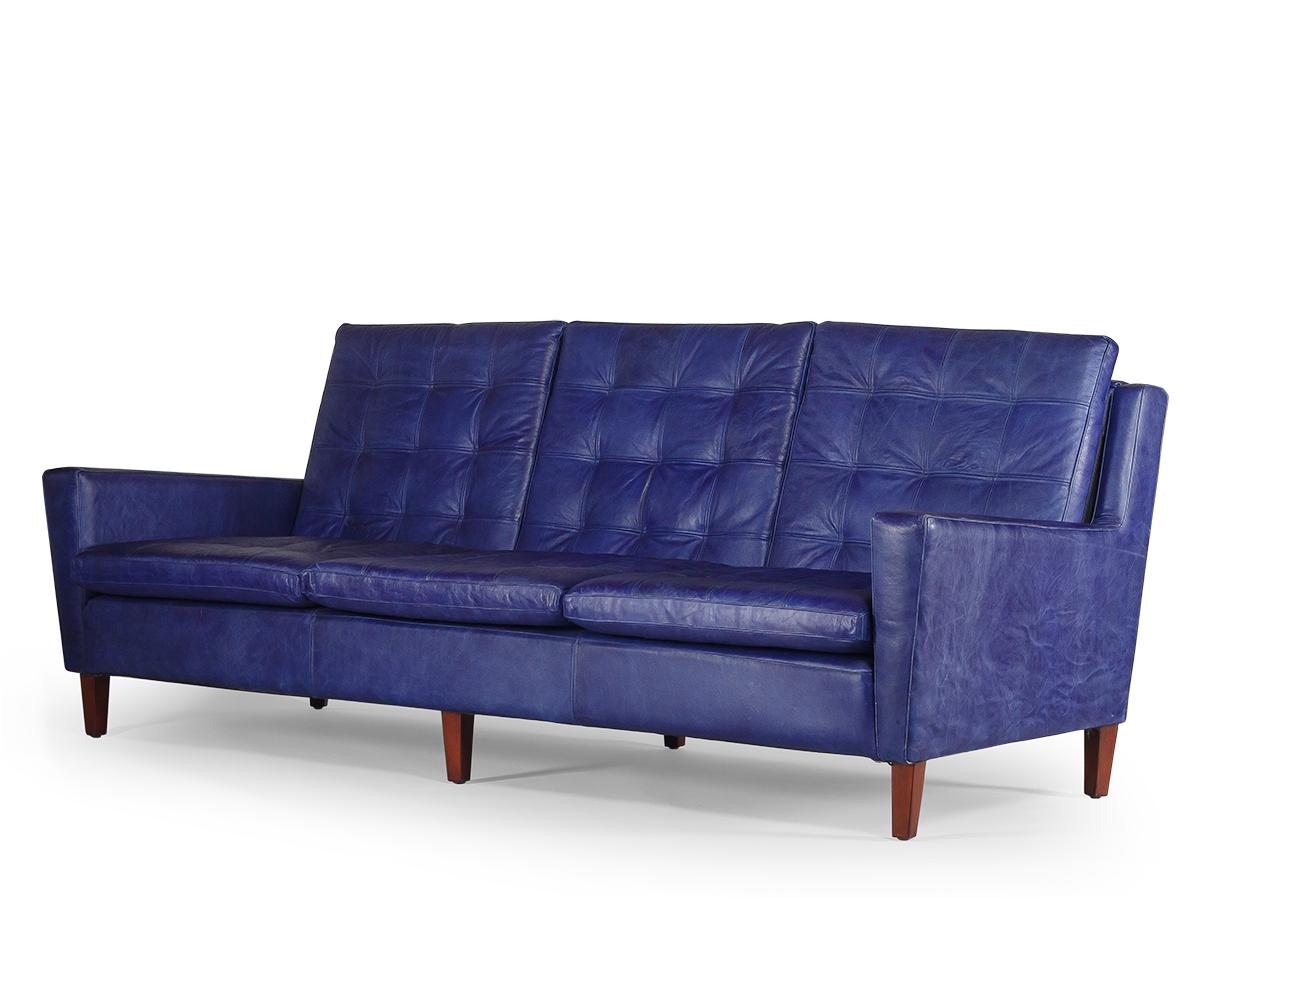 Desondo диван triptix синий 112495/8